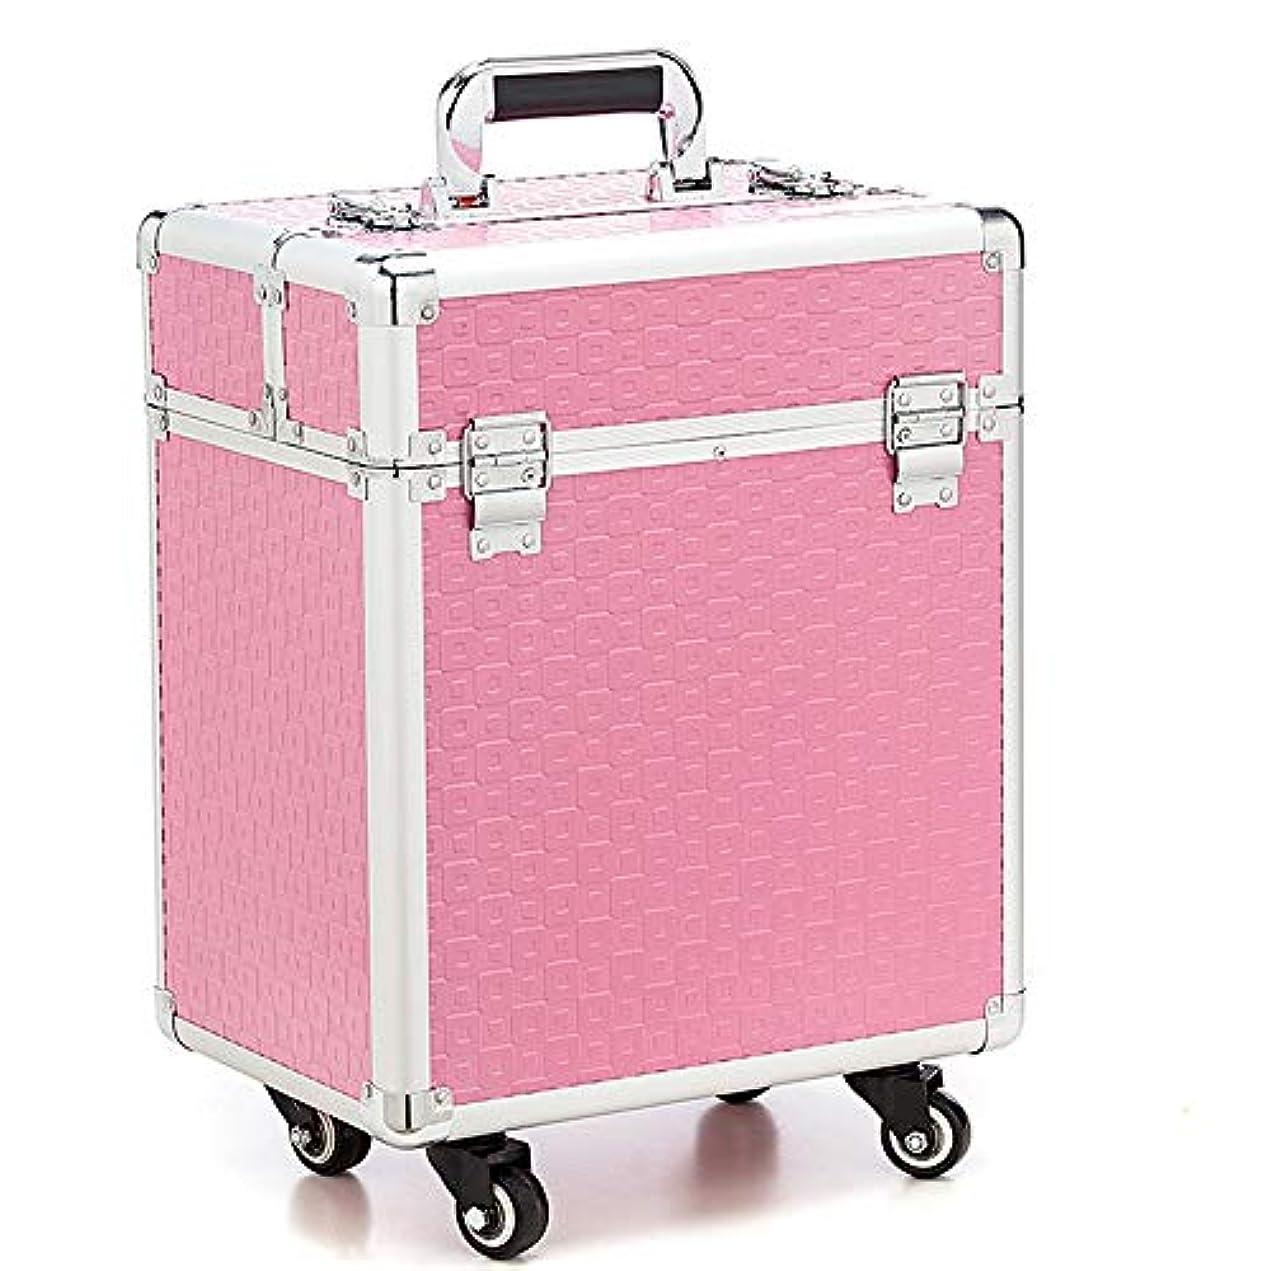 証言サスペンションリサイクルする化粧オーガナイザーバッグ 360度ホイール3イン1プロフェッショナルアルミアーティストローリングトロリーメイクトレインケース化粧品オーガナイザー収納ボックス用ティーンガールズ女性アーティスト 化粧品ケース (色 : ピンク)